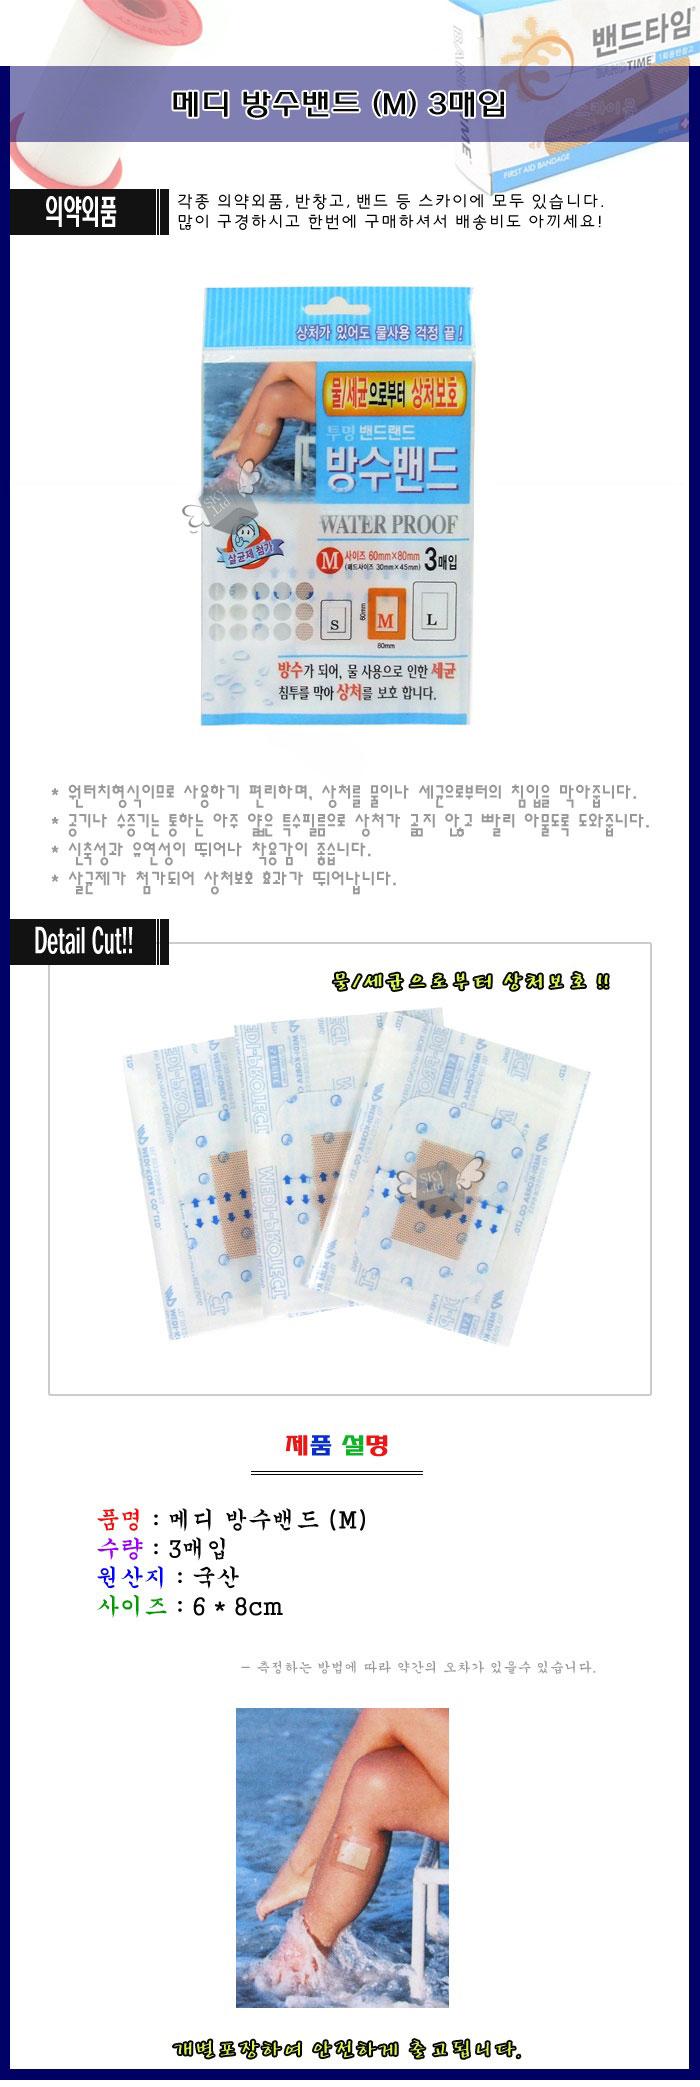 메디 방수밴드,드레싱 밴드 (M/6x8cm) 3매입